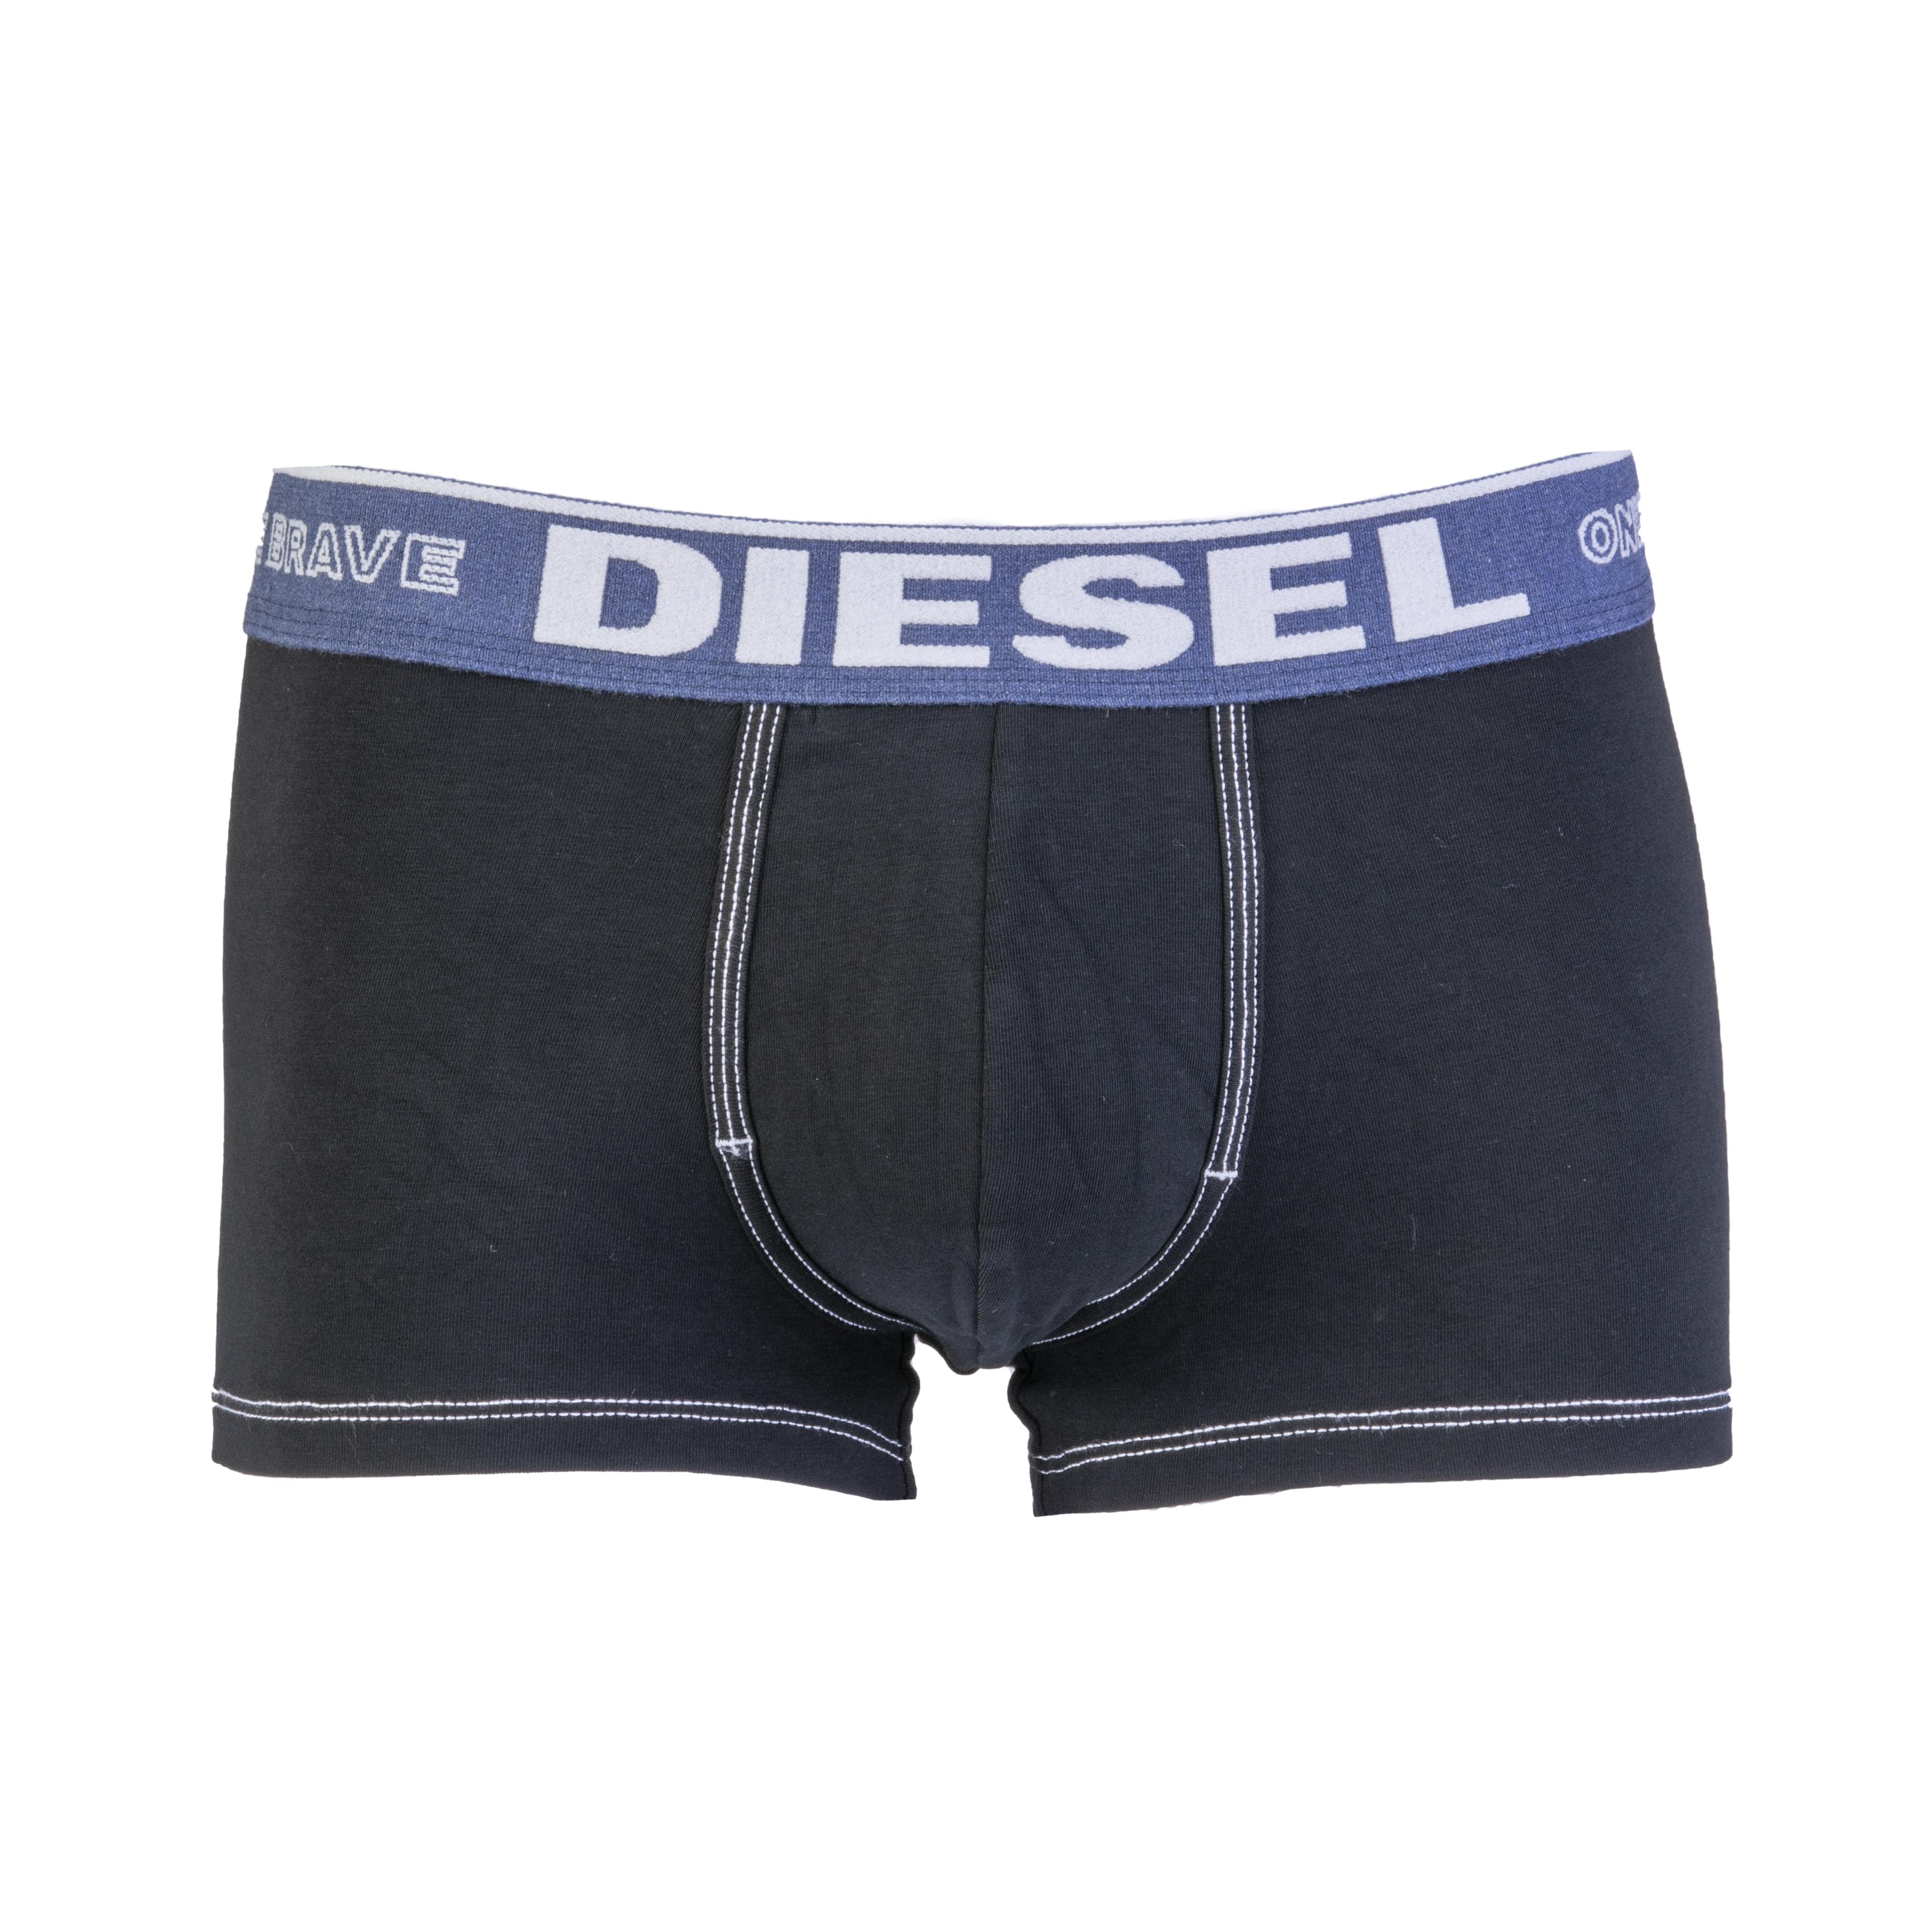 Boxer diesel damien en coton stretch noir à ceinture bleu denim brodée de la marque en feutrine blanche